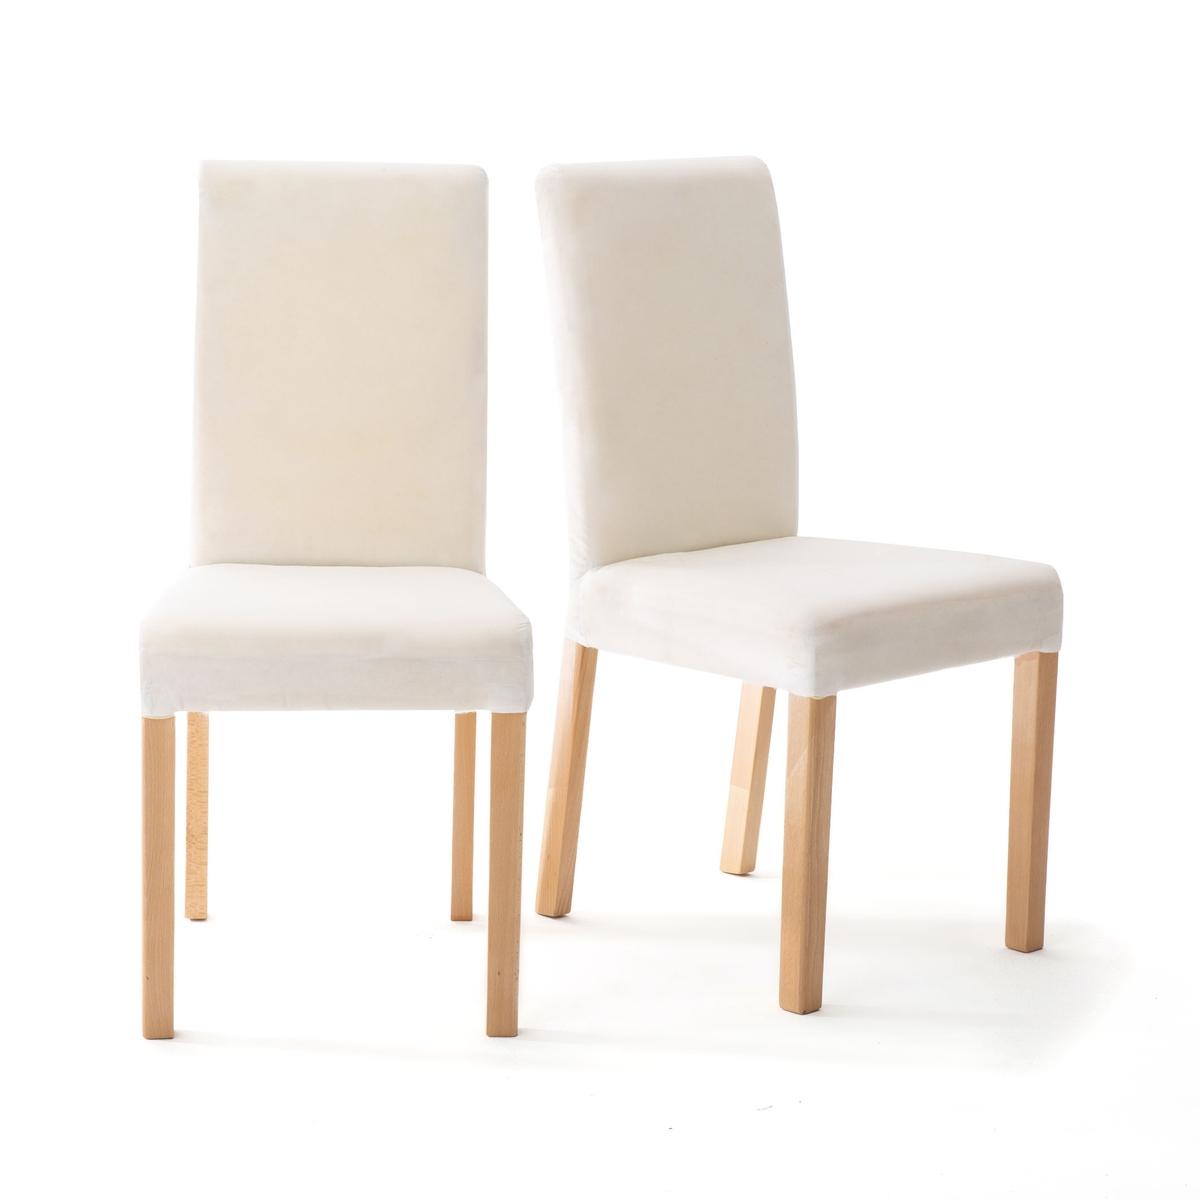 Комплект из 2 стульев, Domme. La Redoute La Redoute единый размер бежевый наволочка la redoute flooch 50 x 30 см бежевый